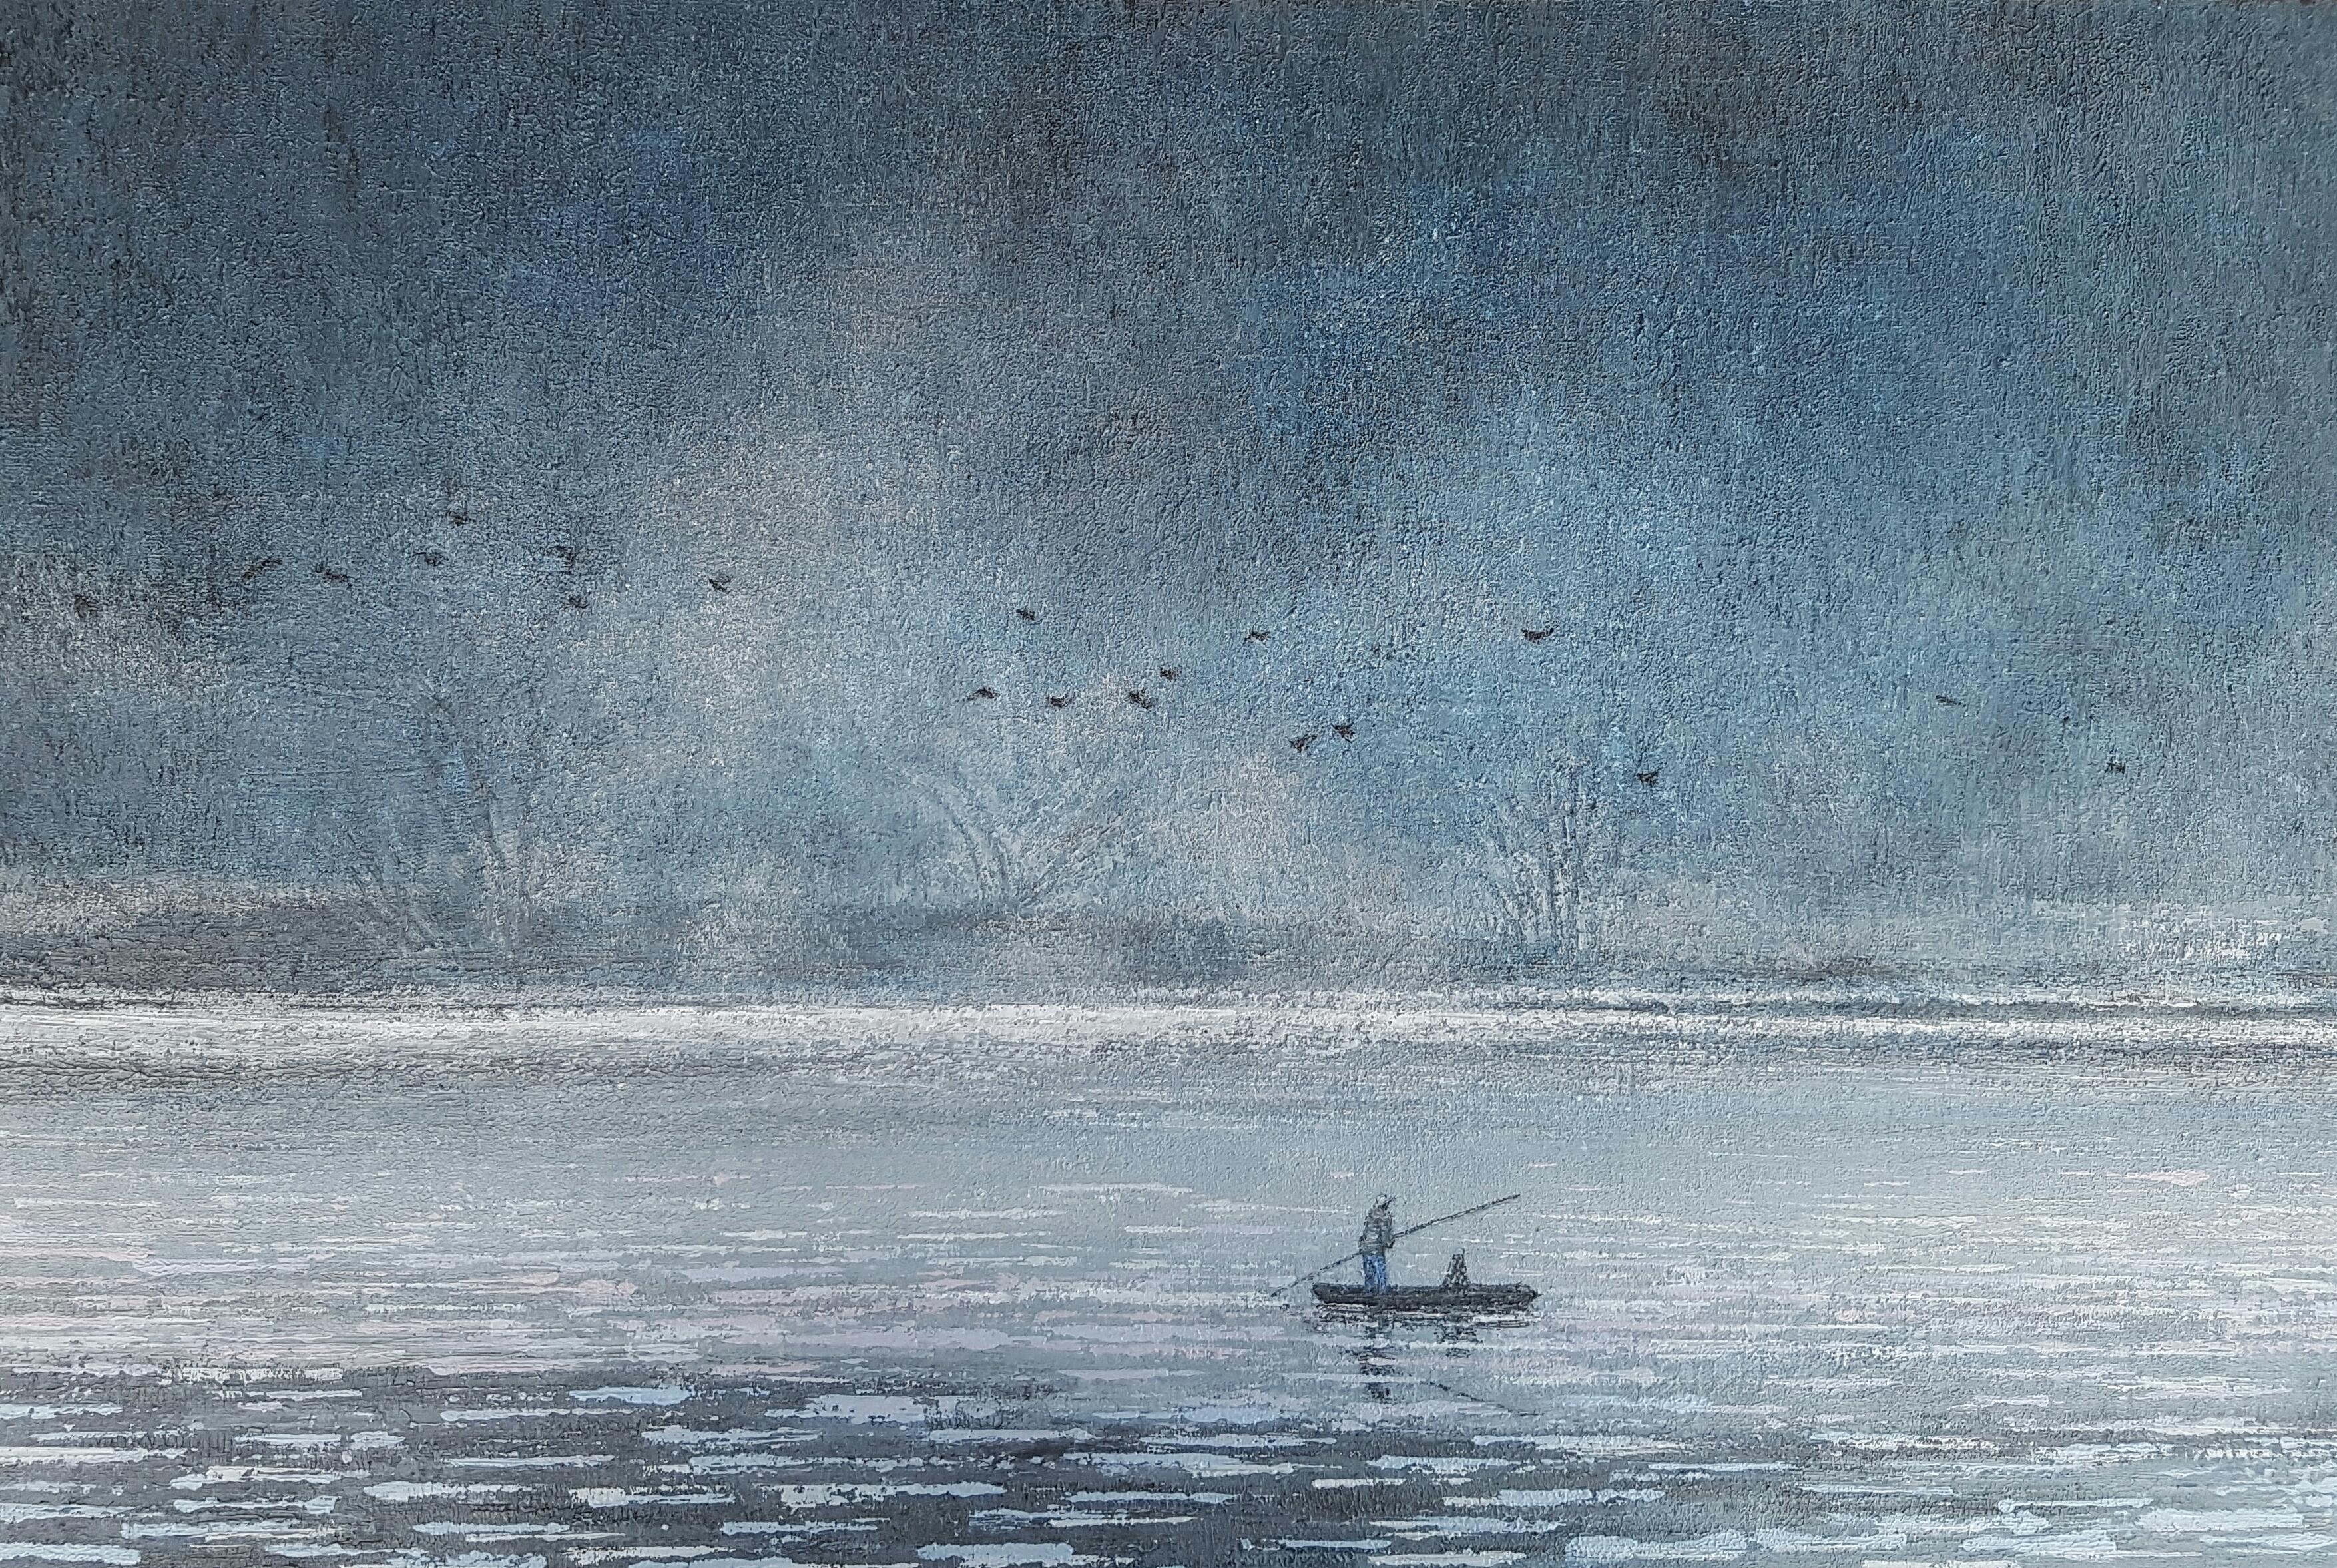 우포늪 이야기ㅡ흐르는 시간, 60.6×40.9cm, oil on canvas, 2017